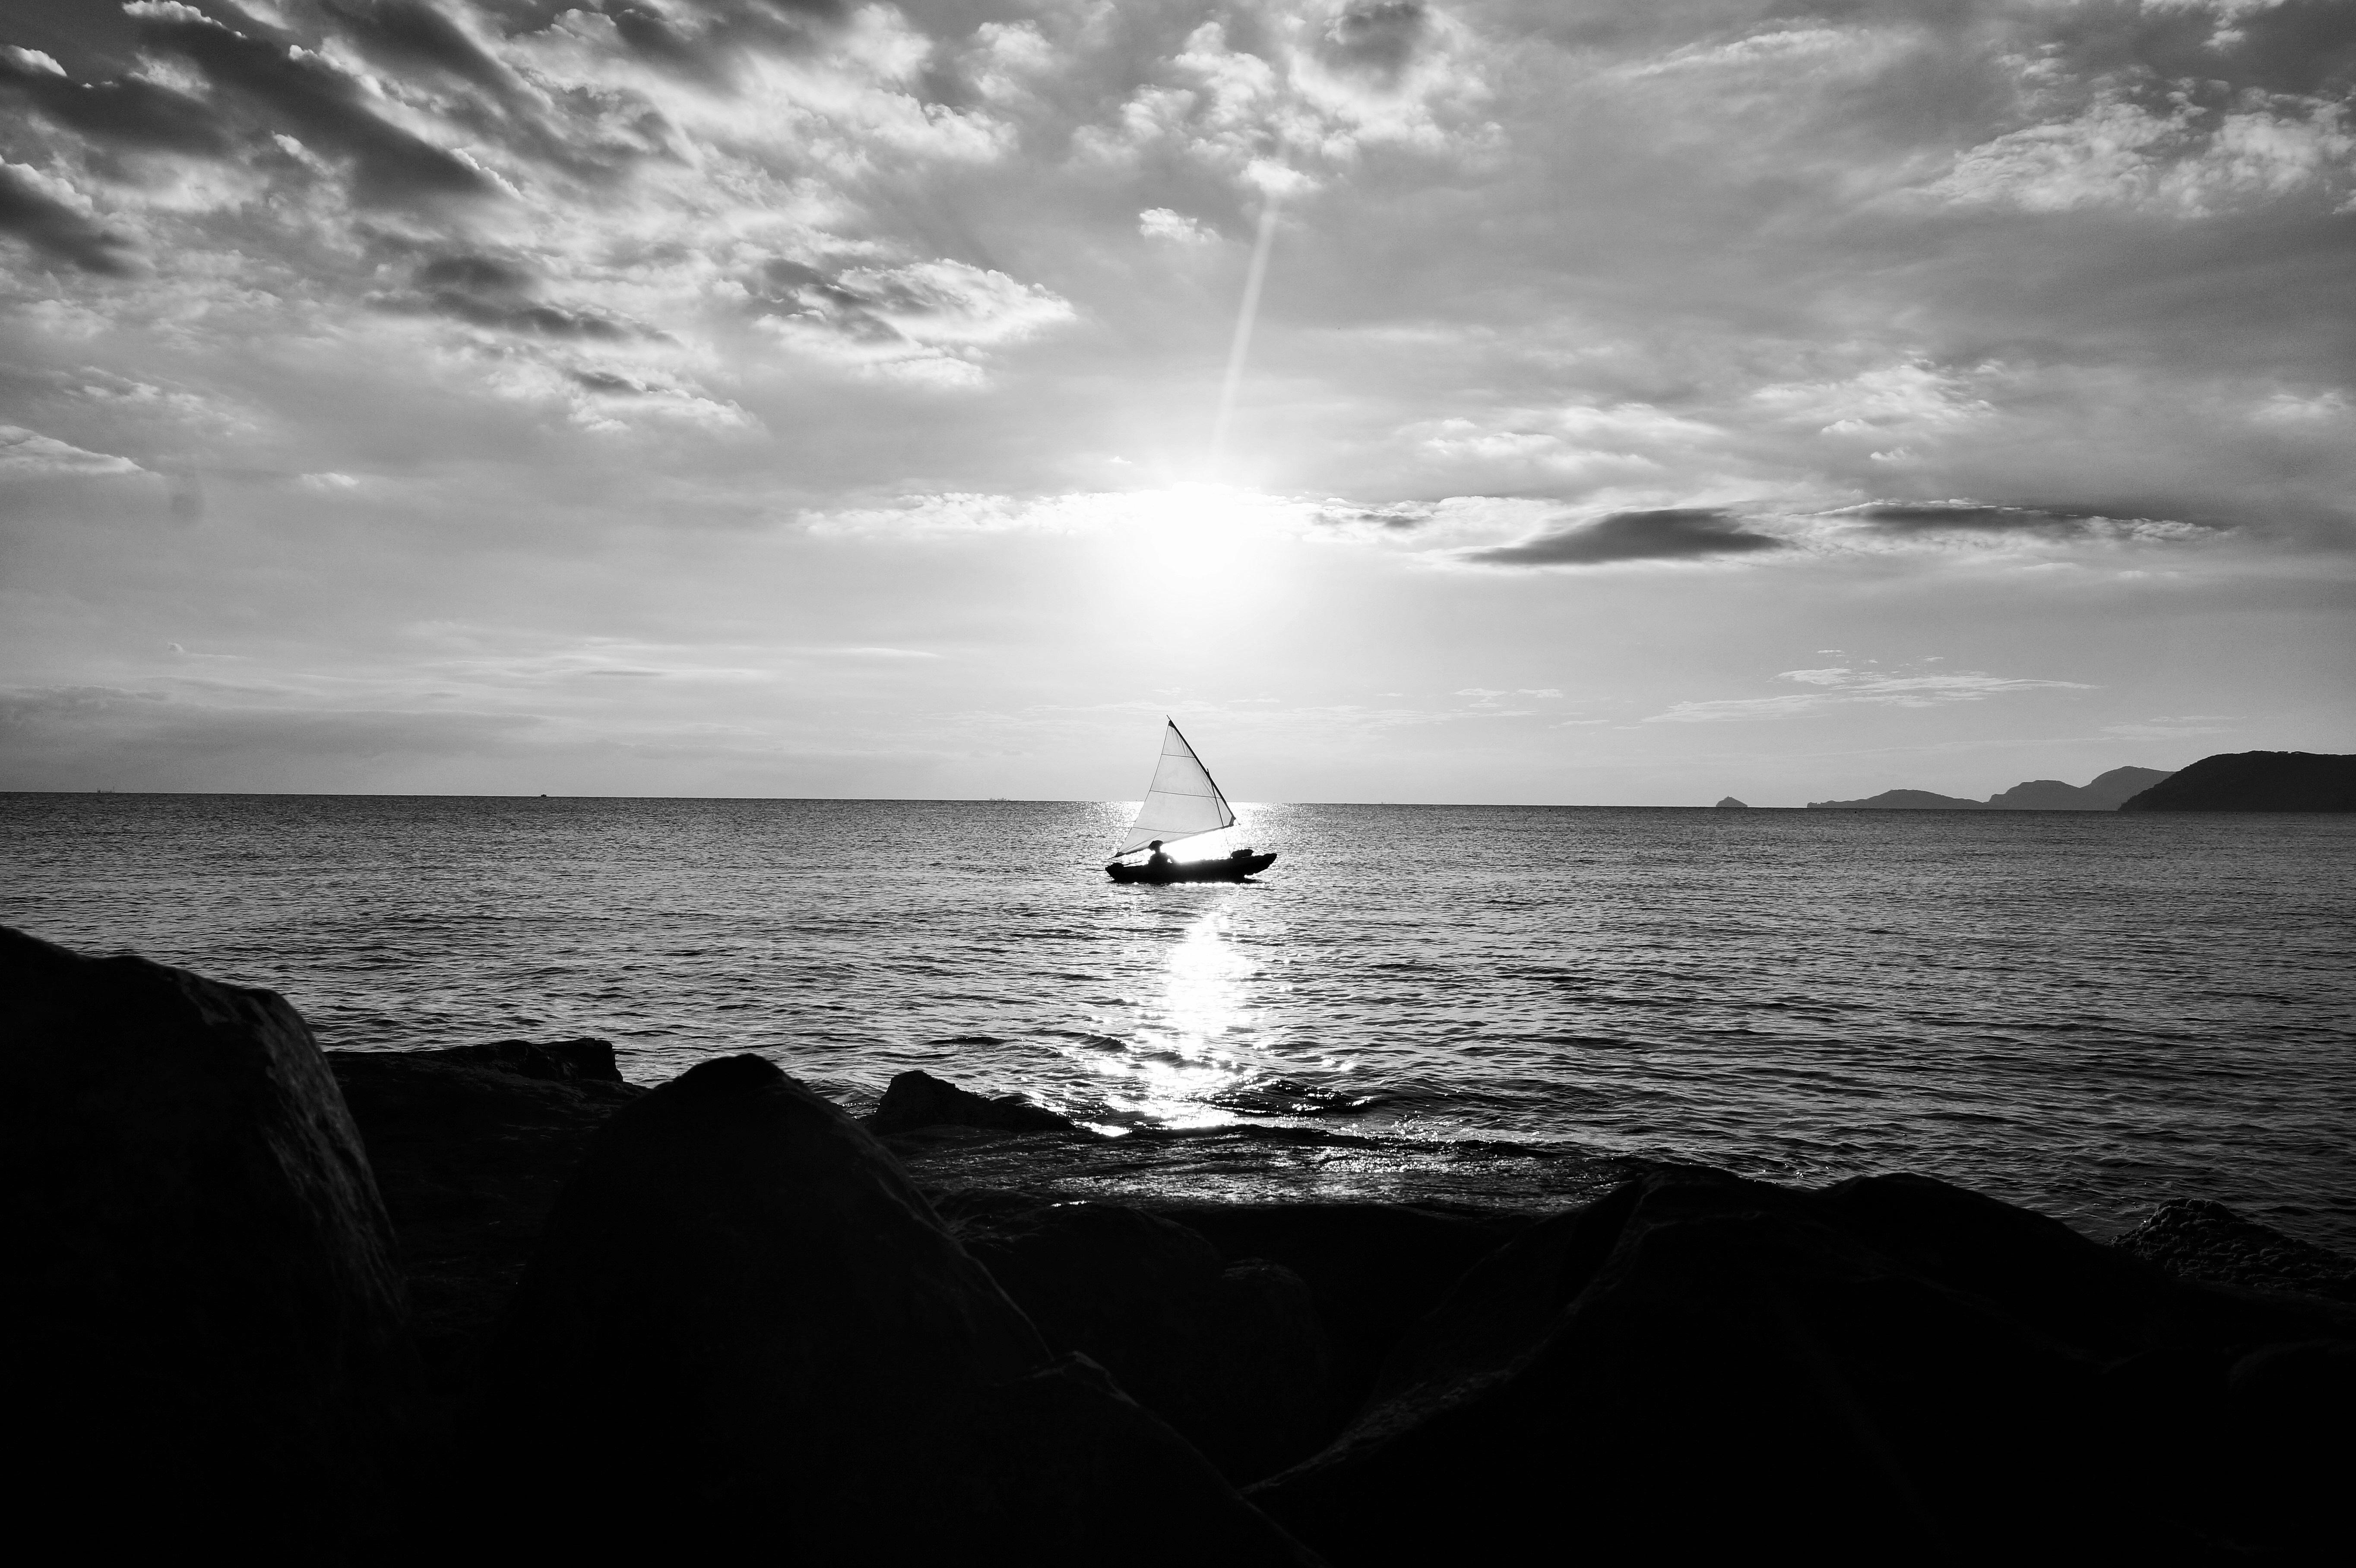 Con vistas al mar - 2 part 1